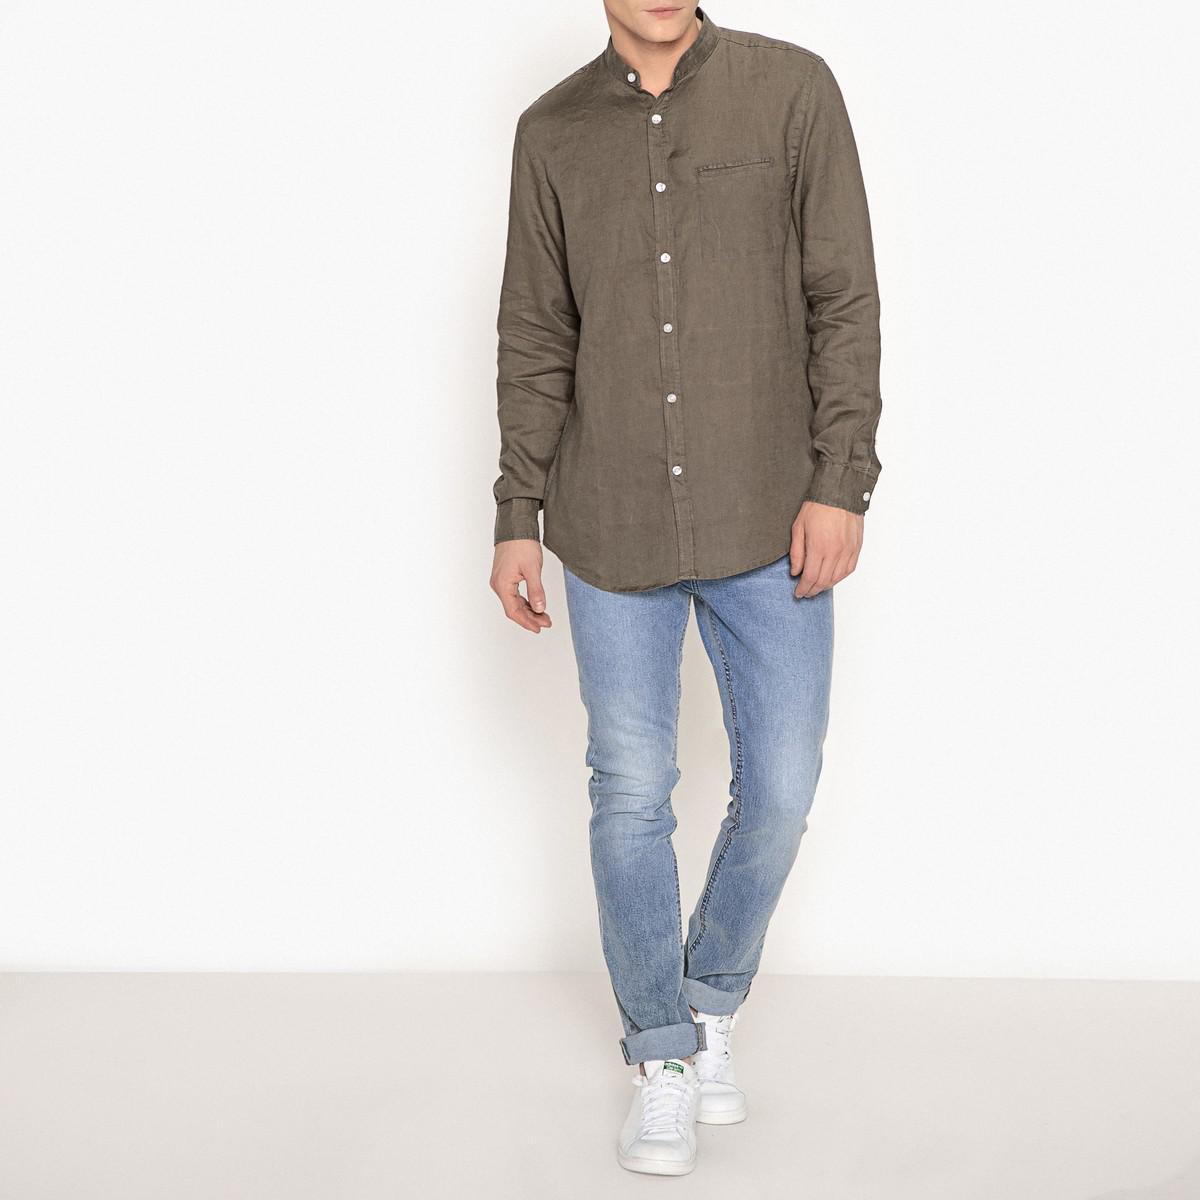 lyst la redoute chemise regular en lin col mao for men. Black Bedroom Furniture Sets. Home Design Ideas